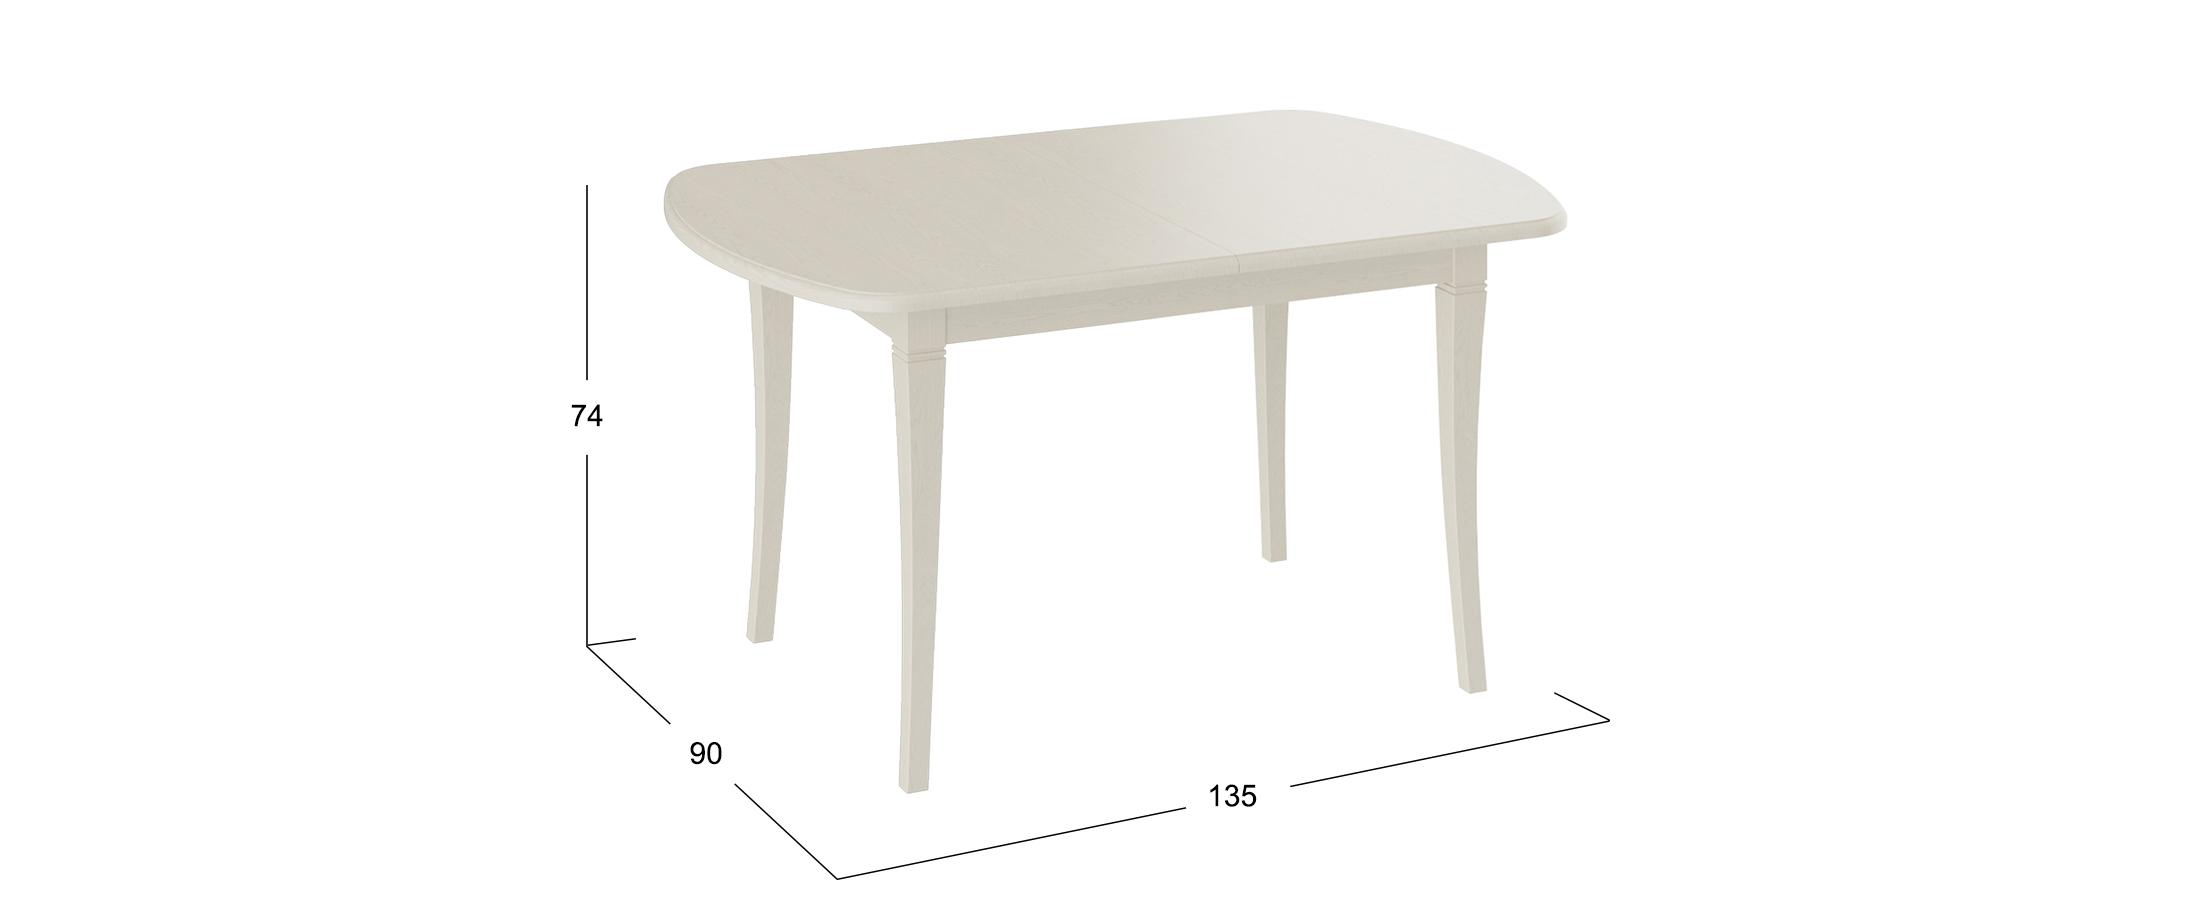 Стол обеденный Альт 135*90 Слоновая кость